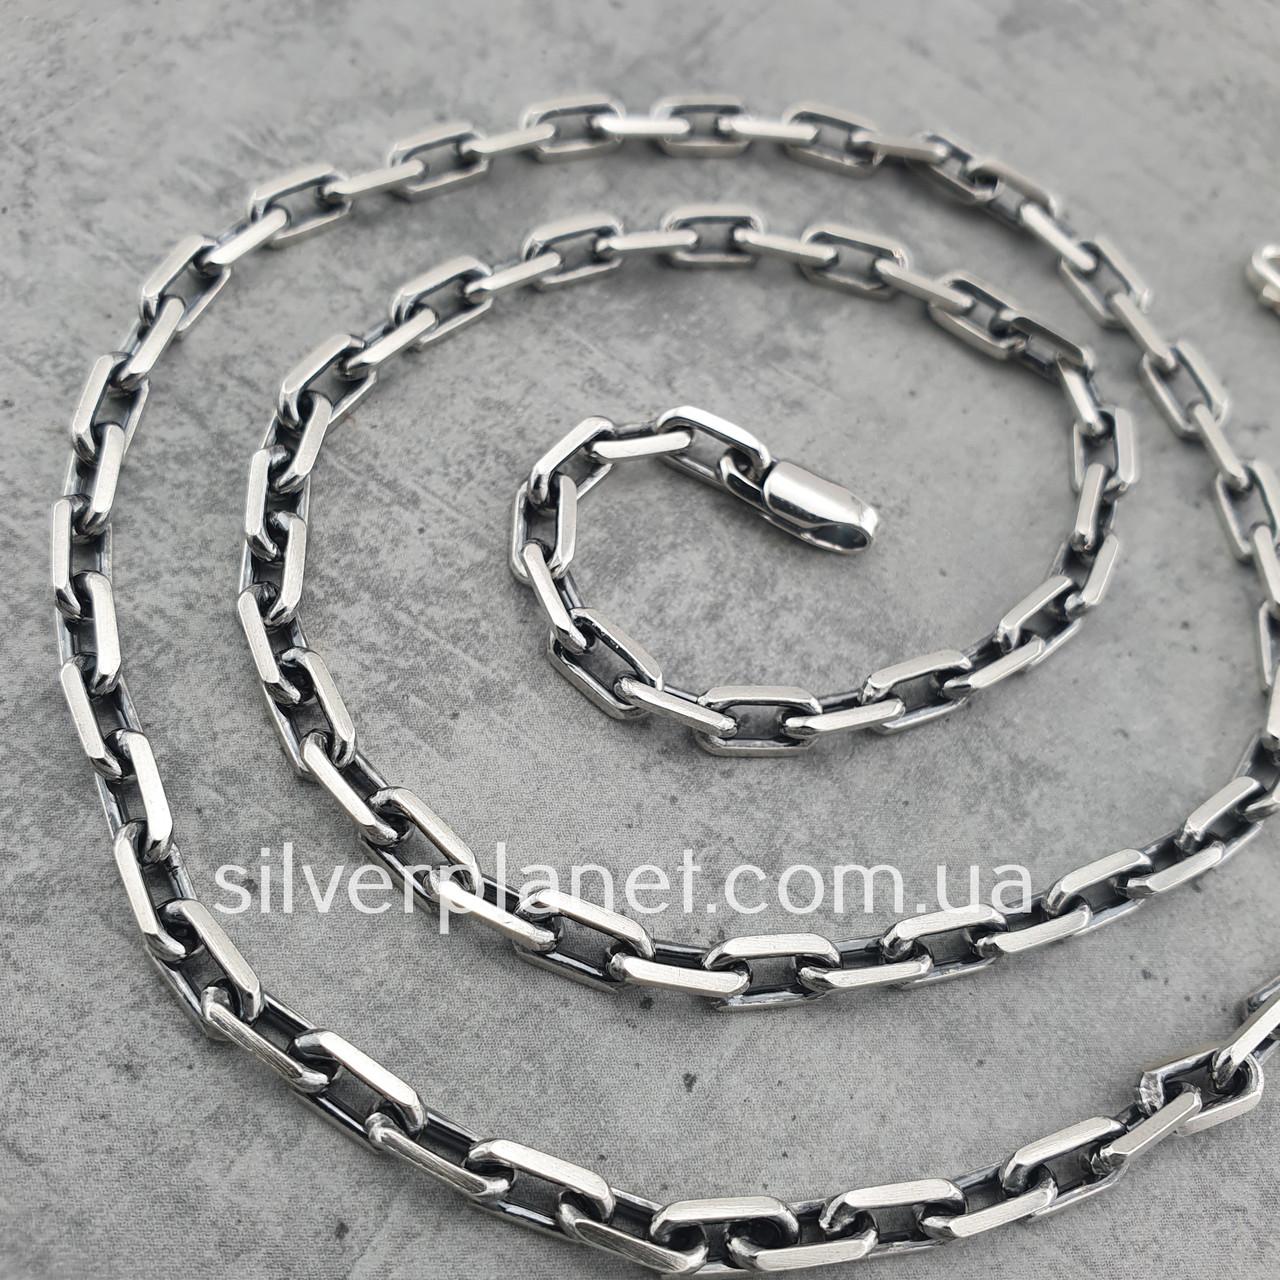 Срібний ланцюжок чоловічий якірного плетіння. Цепочка срібло 925. Якір, довжина 60 см, вага 26 гр